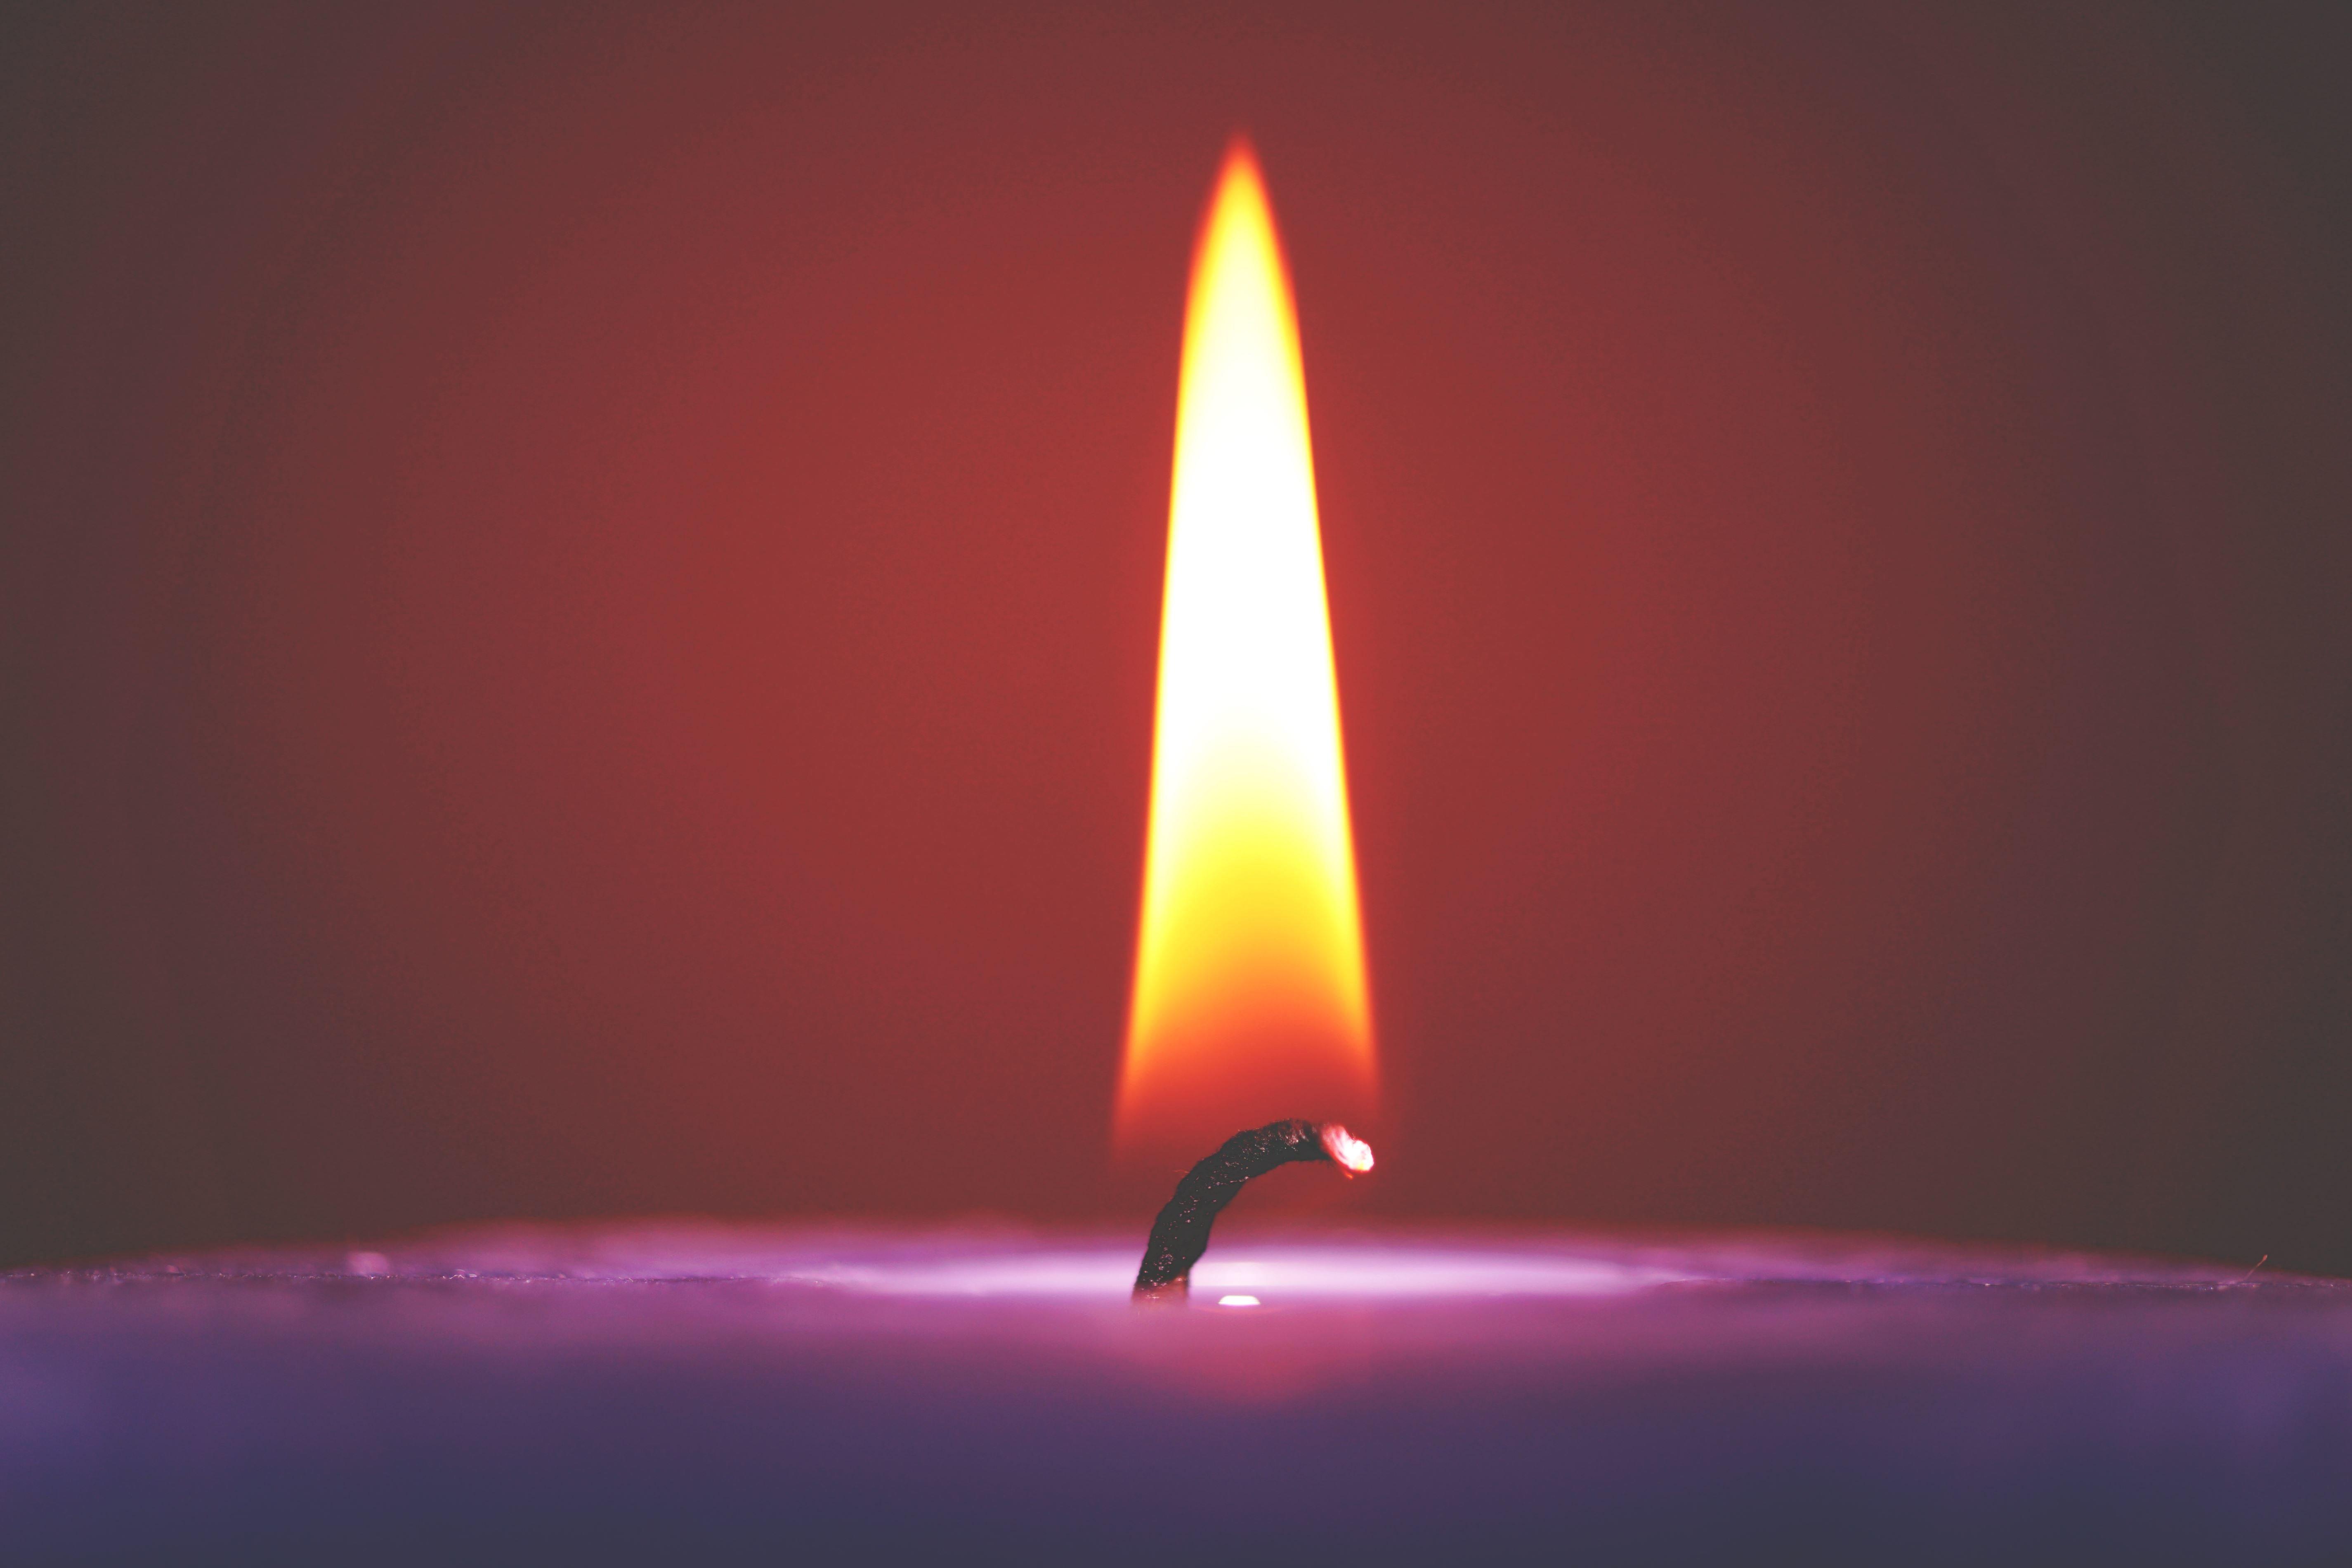 image libre flamme chaleur chaud lumi re bougie cire. Black Bedroom Furniture Sets. Home Design Ideas